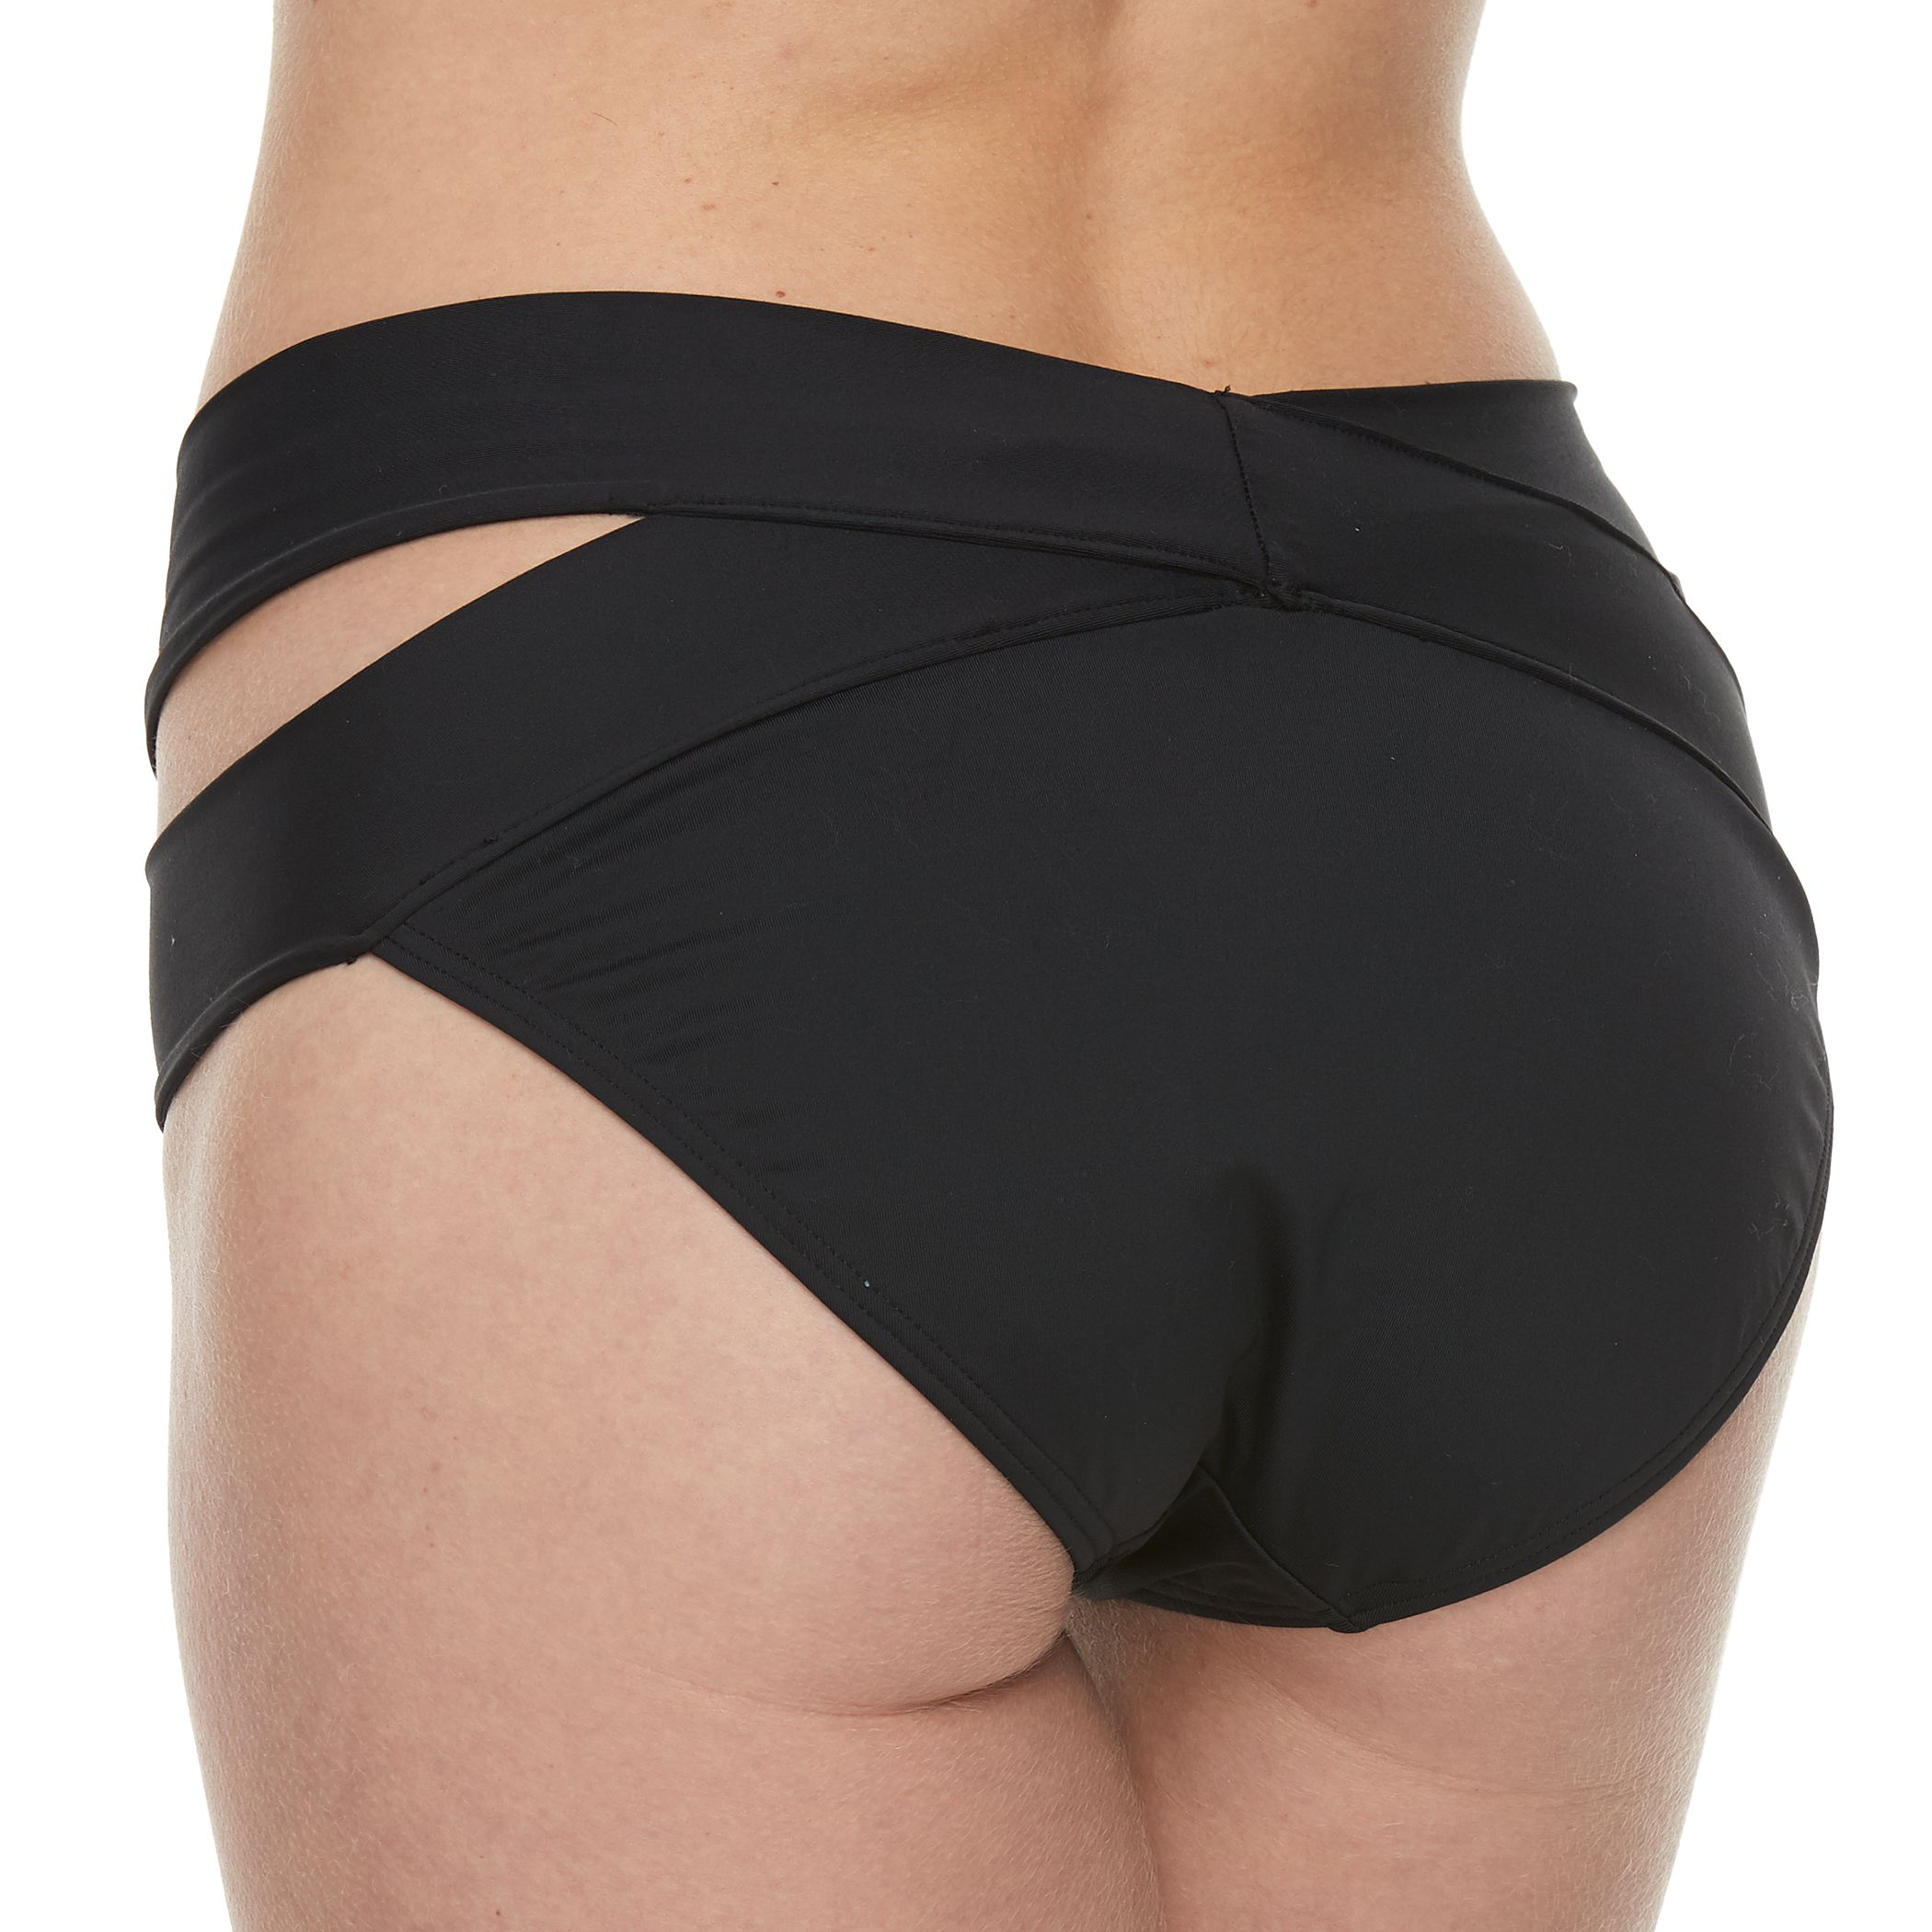 f89eafd19c Women's Swimsuit Bottoms   Kohl's